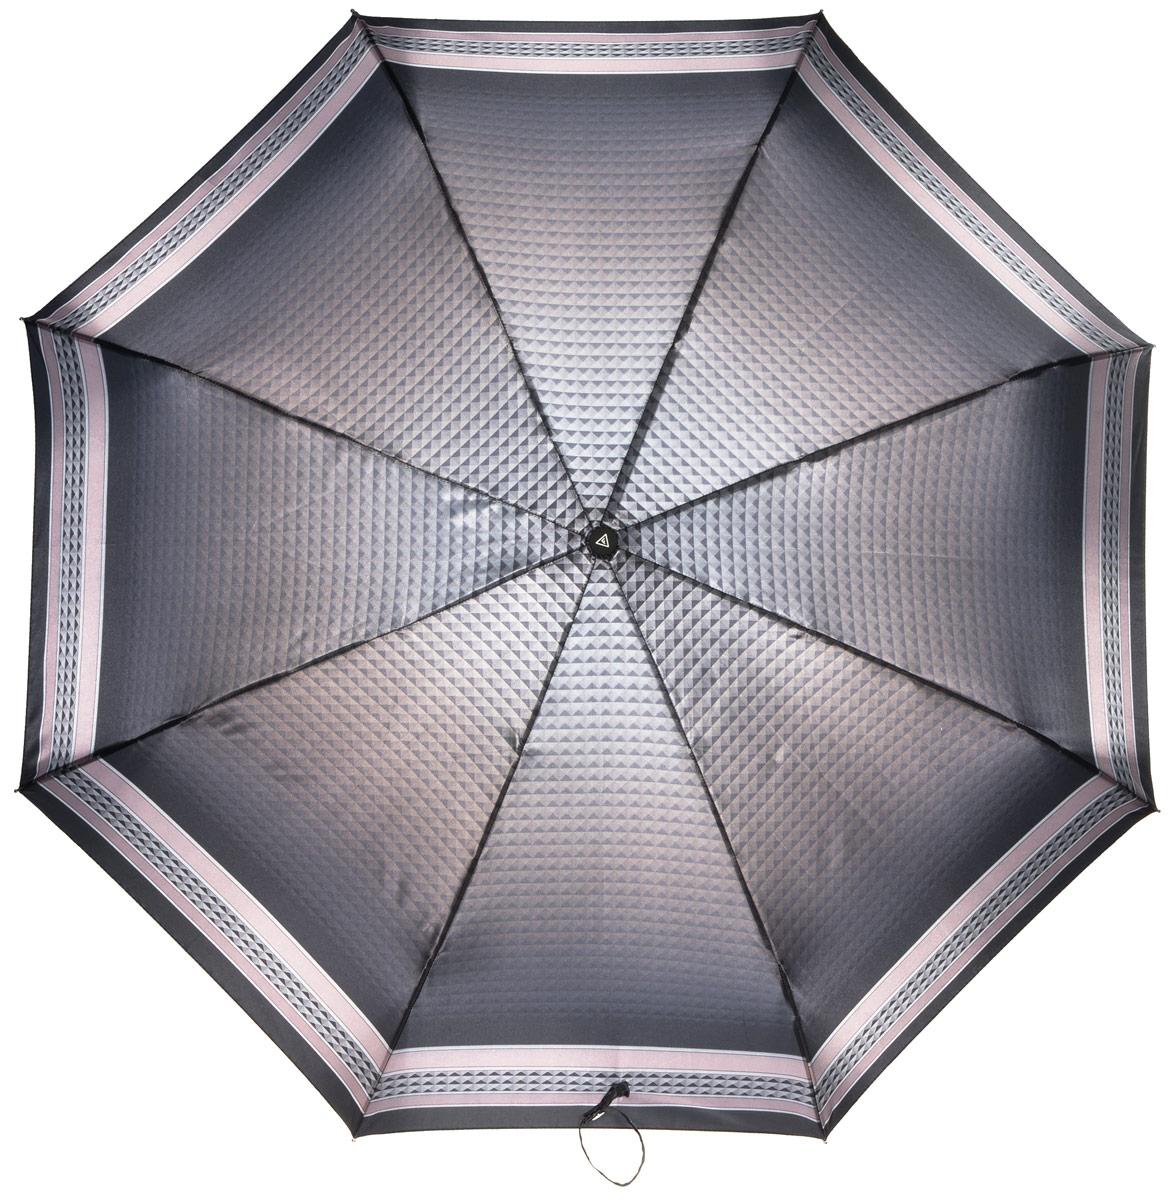 Зонт женский Fabretti, полный автомат, 3 сложения, цвет: мультиколор. S-16100-11S-16100-11Зонт женский Fabretti, суперавтомат, 3 сложения, сатин